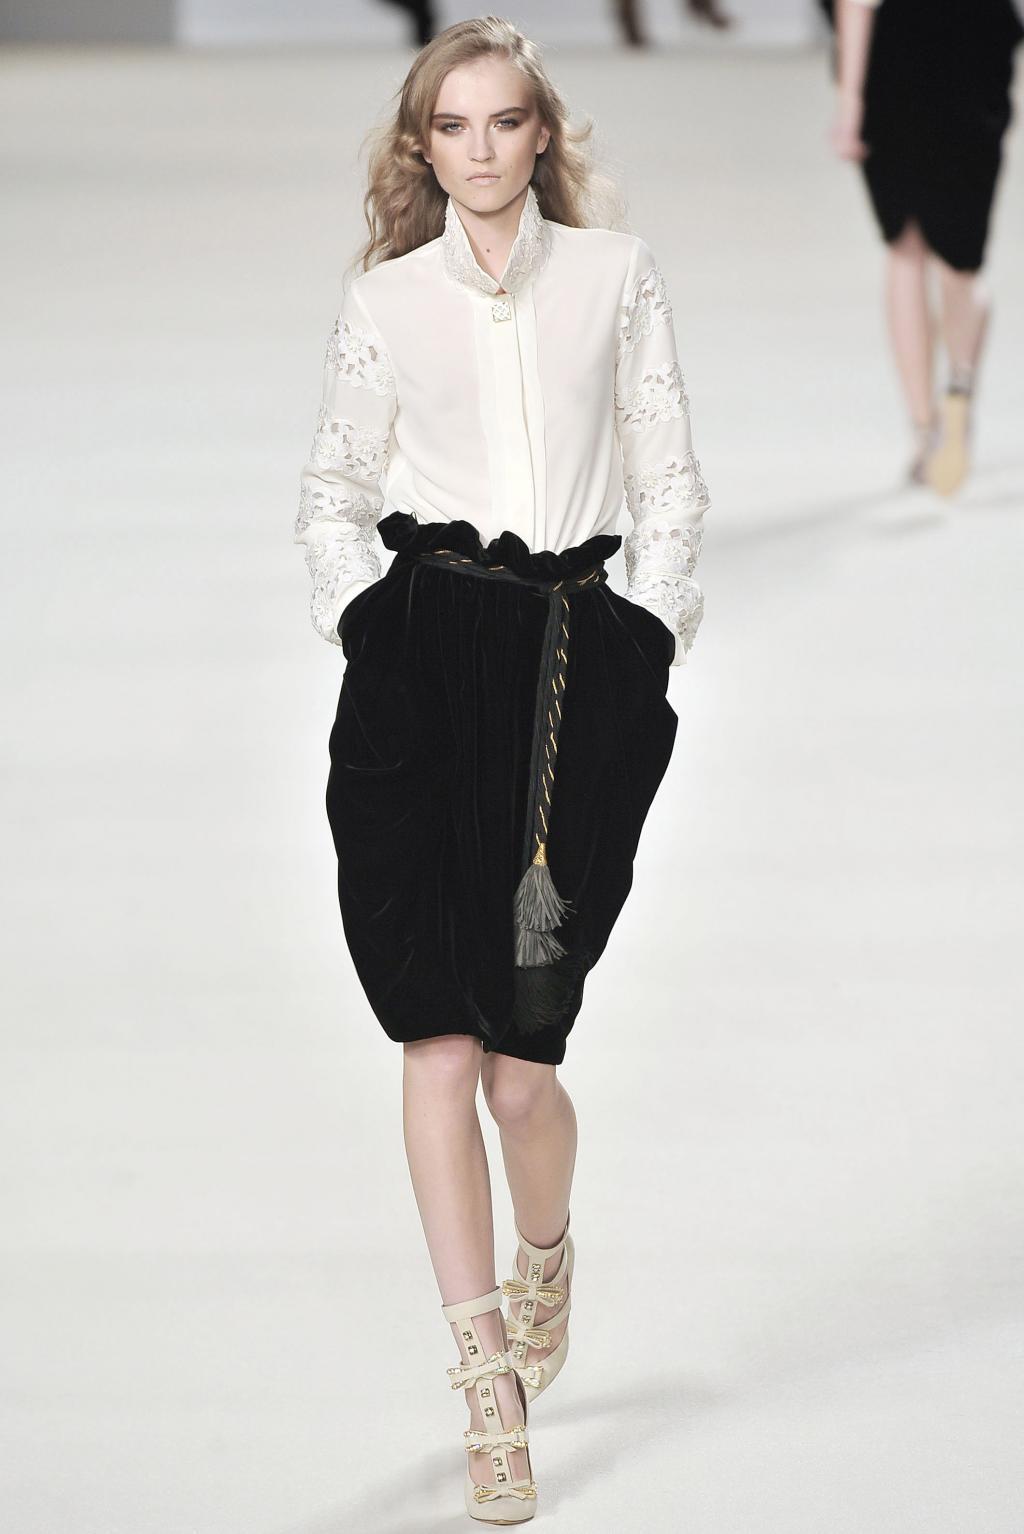 f43dc0cbff59 Как украсить длинную джинсовую юбку. Как сделать юбку из старых ...